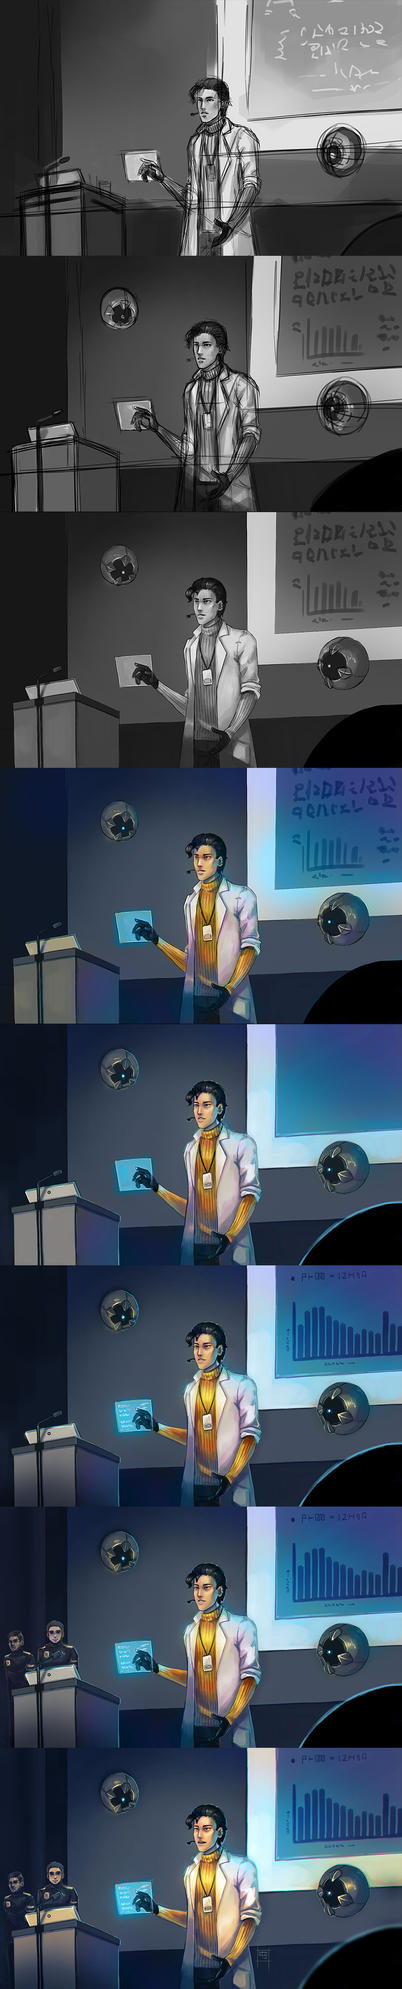 [Progress] Lecture by DamaiMikaz